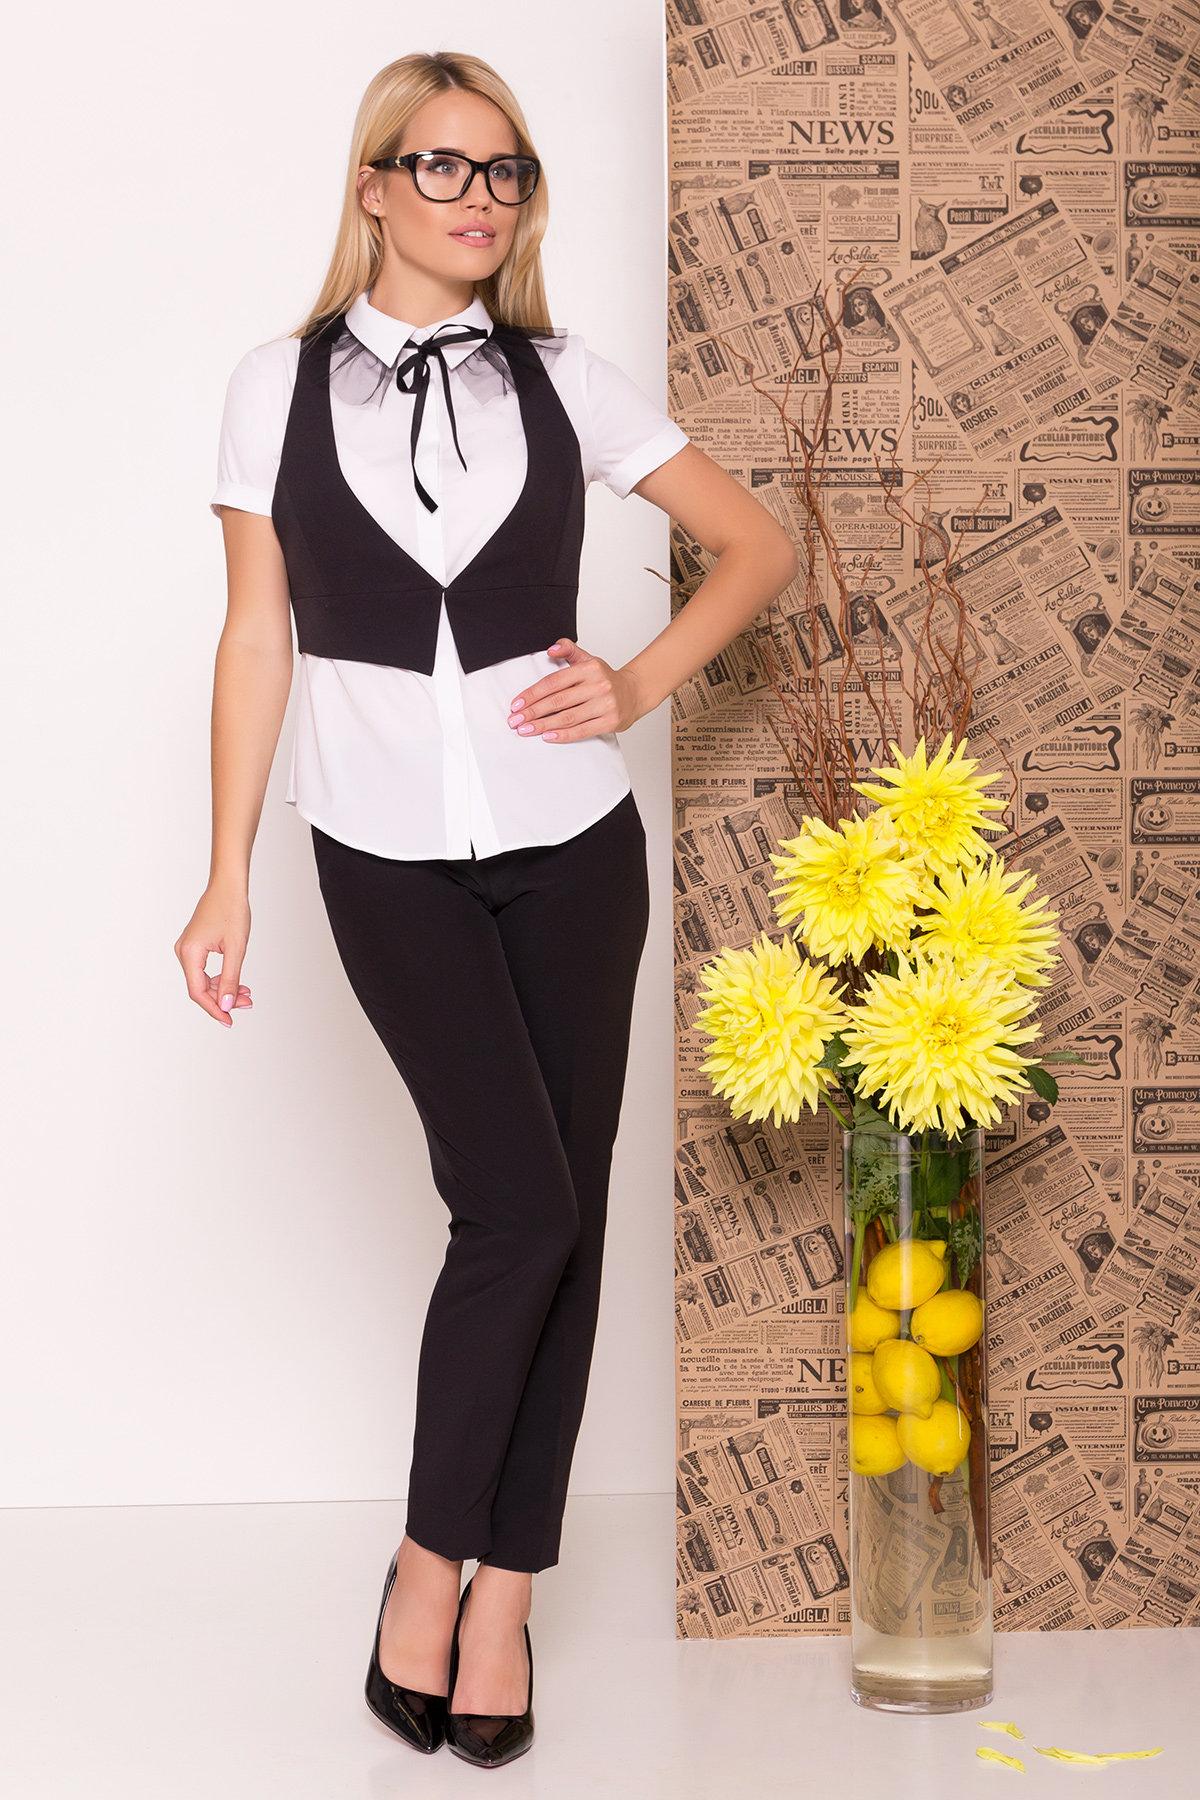 Купить женские костюмы оптом  Блузка с жилетом Джетта 7794